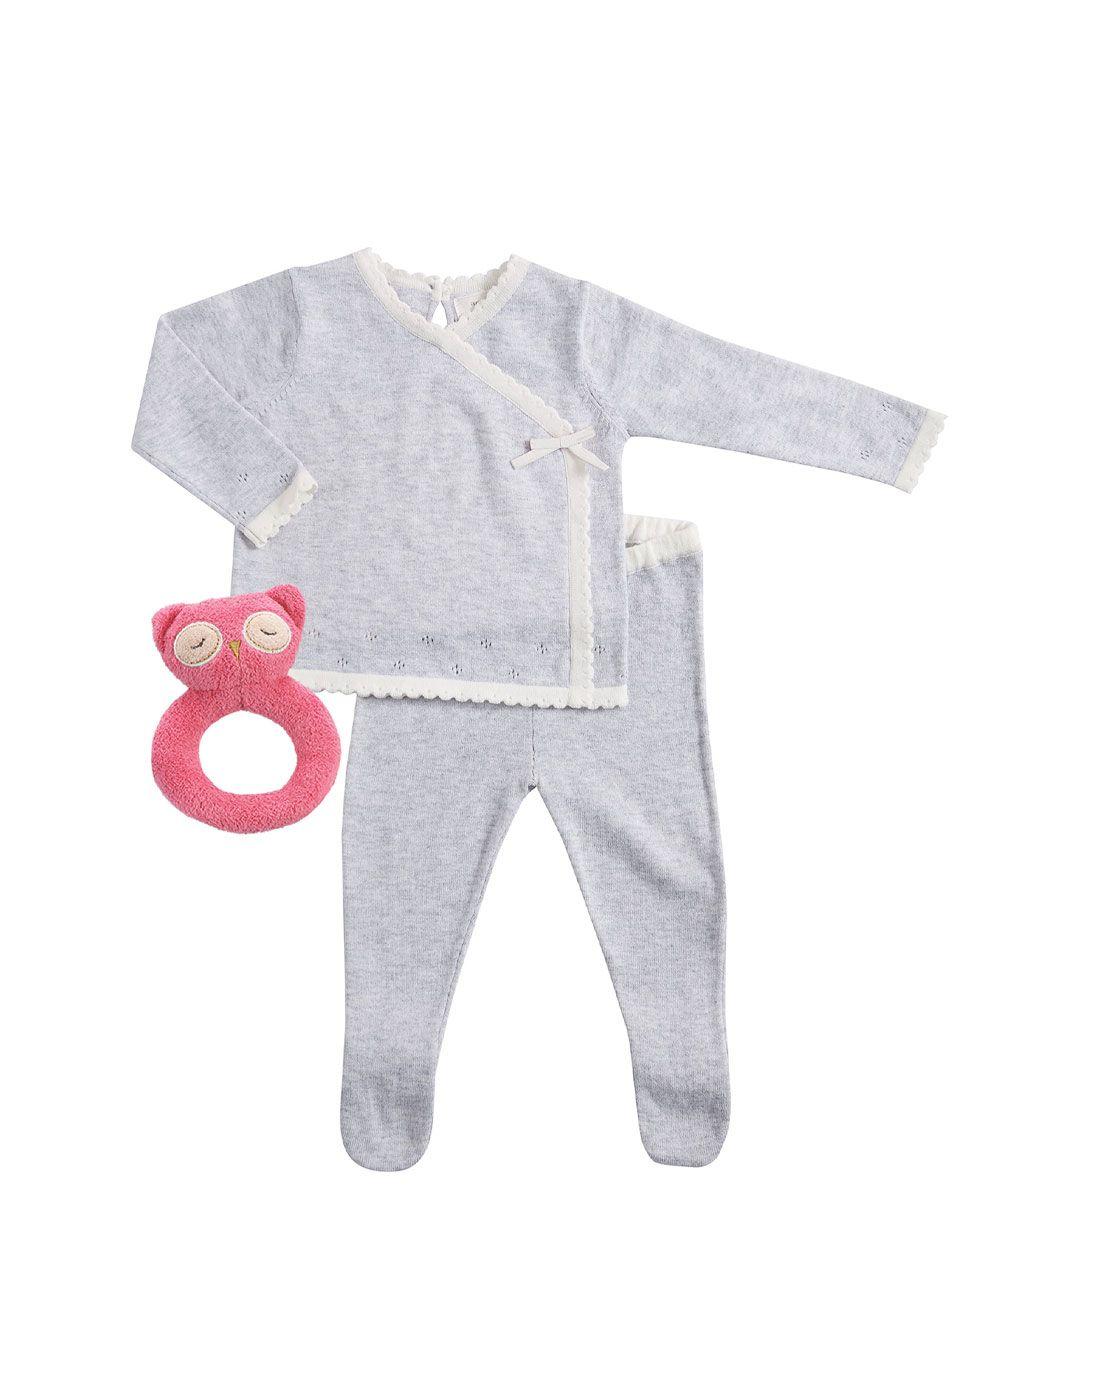 Angel Dear挑孔细节和服式毛衣上衣连脚裤套装灰色和粉色猫头鹰摇铃